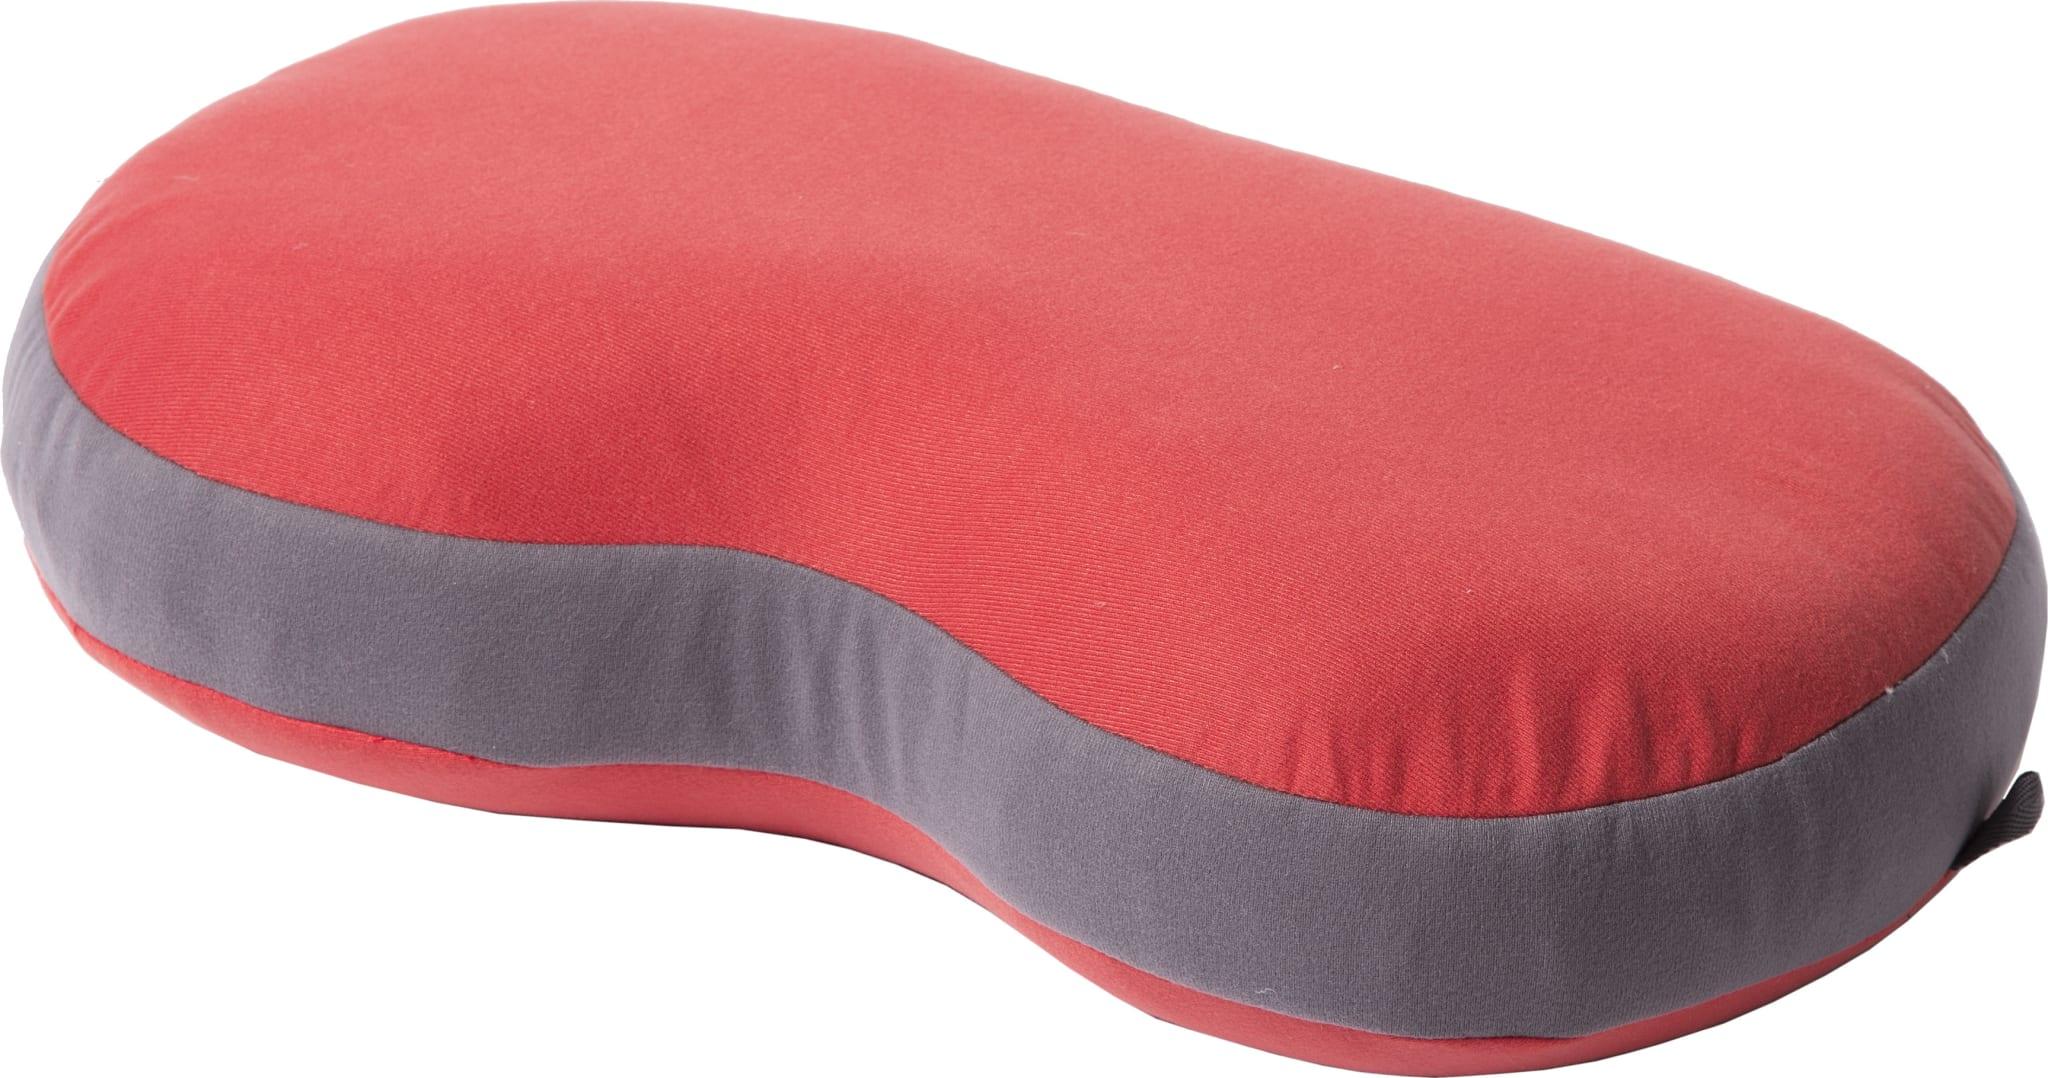 Komfortabel og varm oppblåsbar dunpute